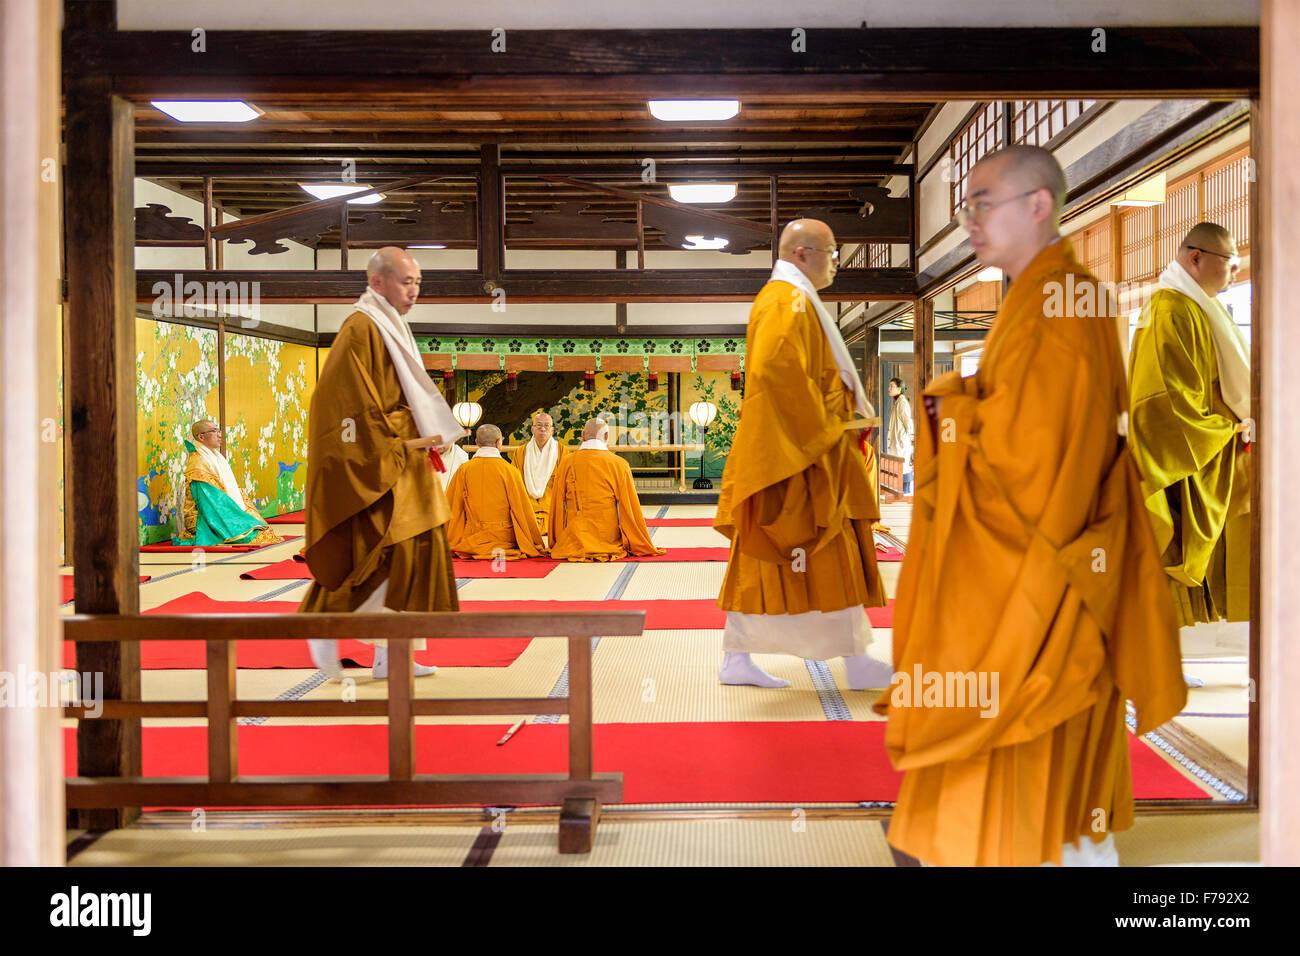 KYOTO, Giappone - 21 novembre 2015: i monaci eseguire riti di Chishakuin in Kyoto. Immagini Stock